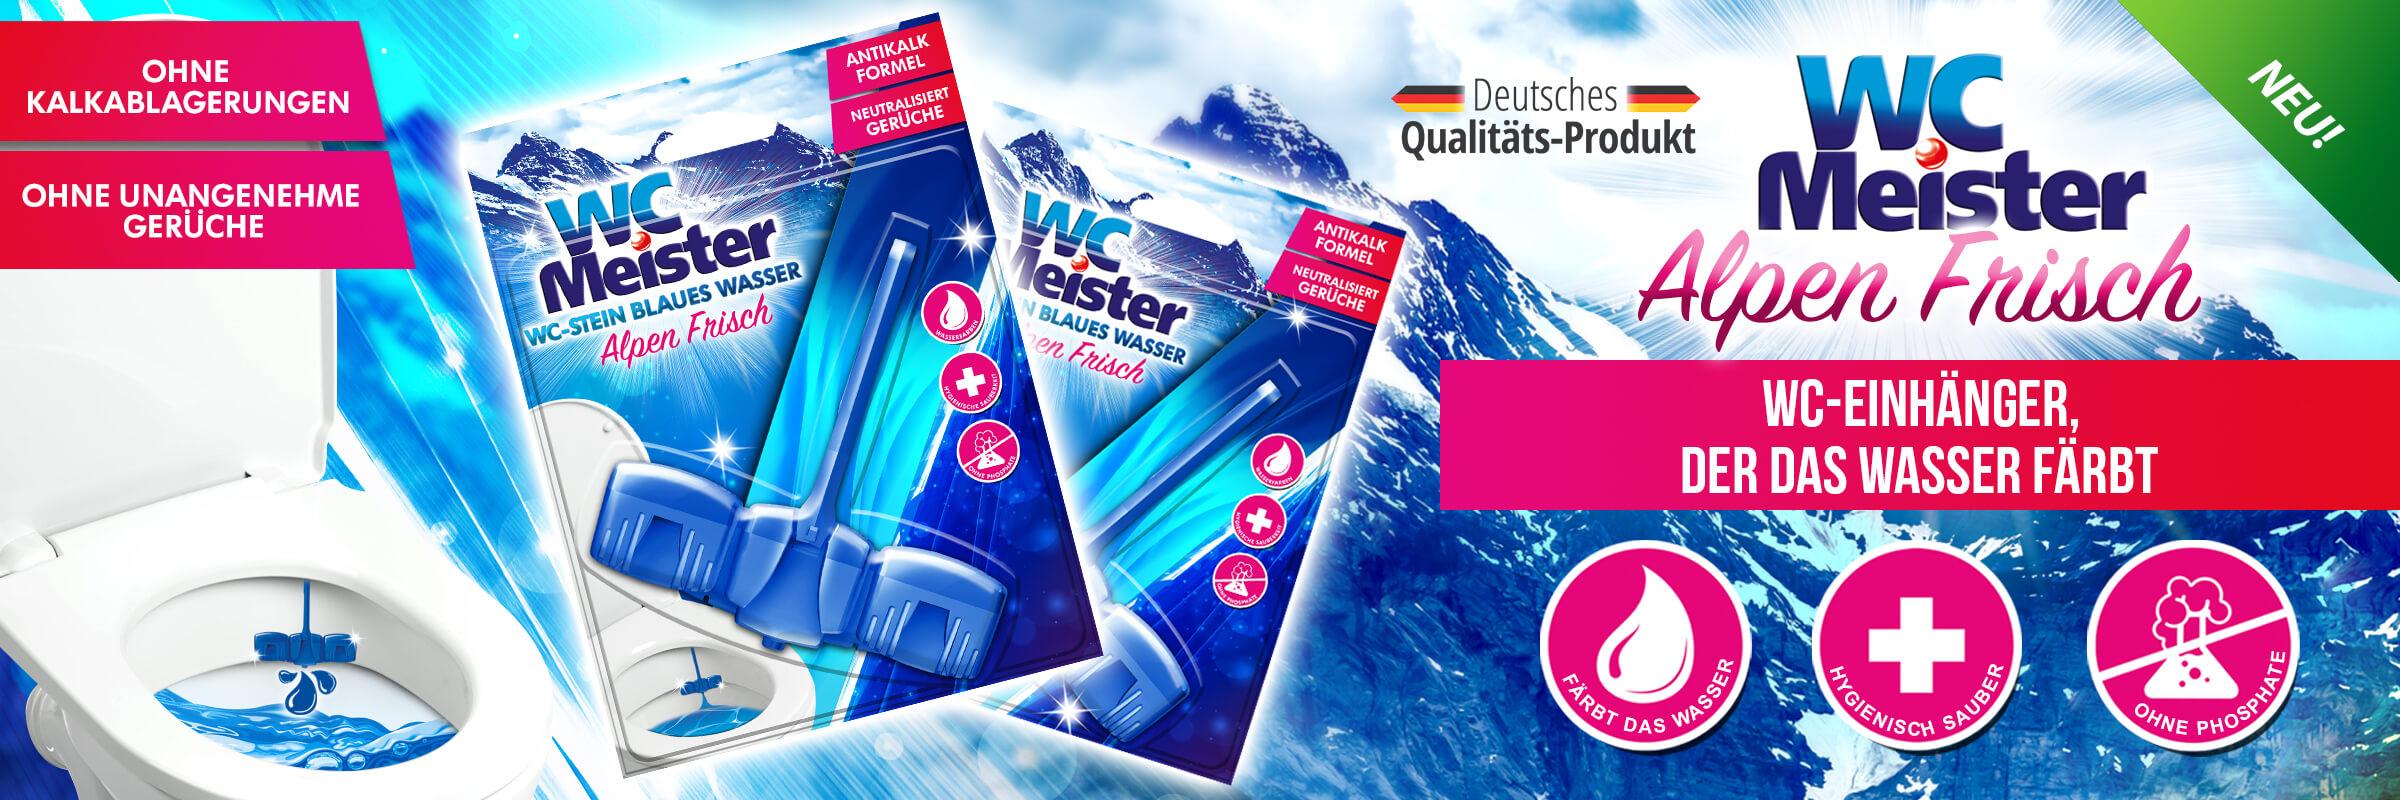 WC Meister Alpen Frisch - ein WC-Einhänger, der das Wasser blau färbt